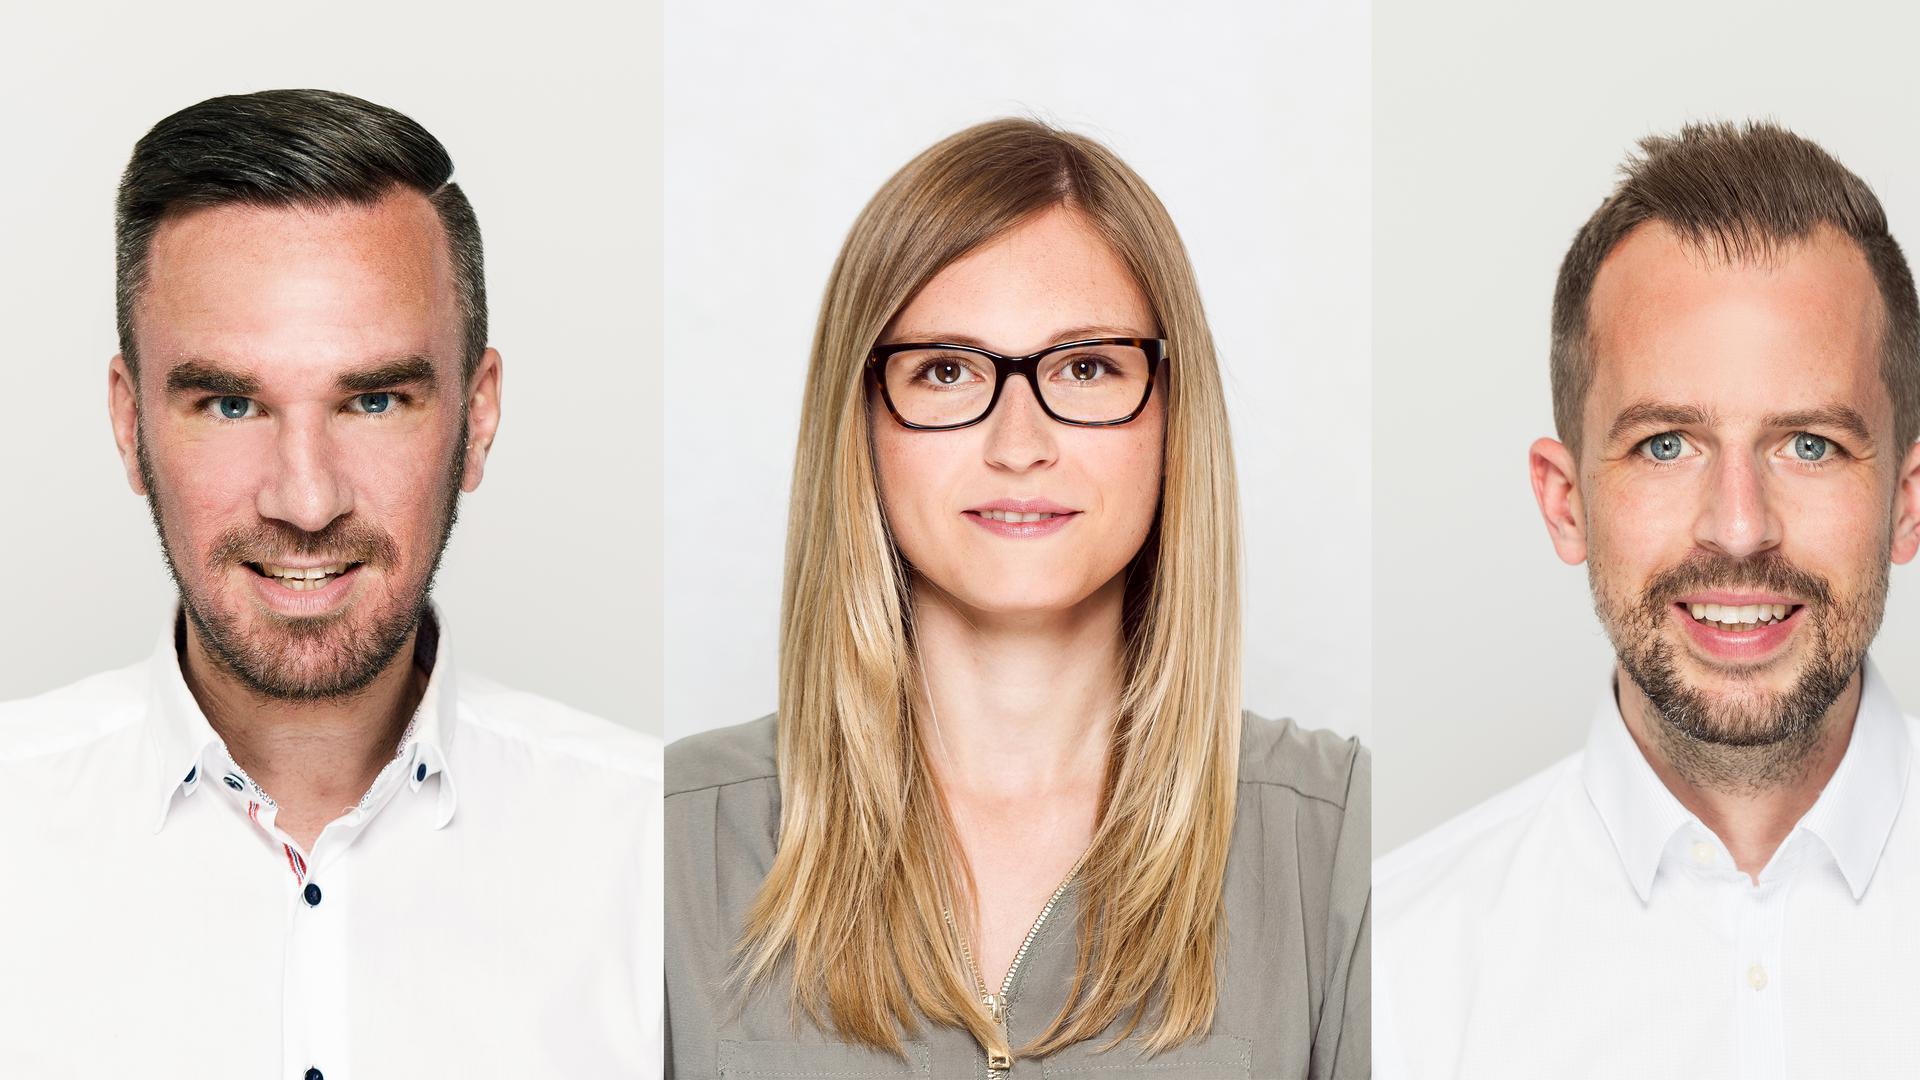 Portraits von drei Personen